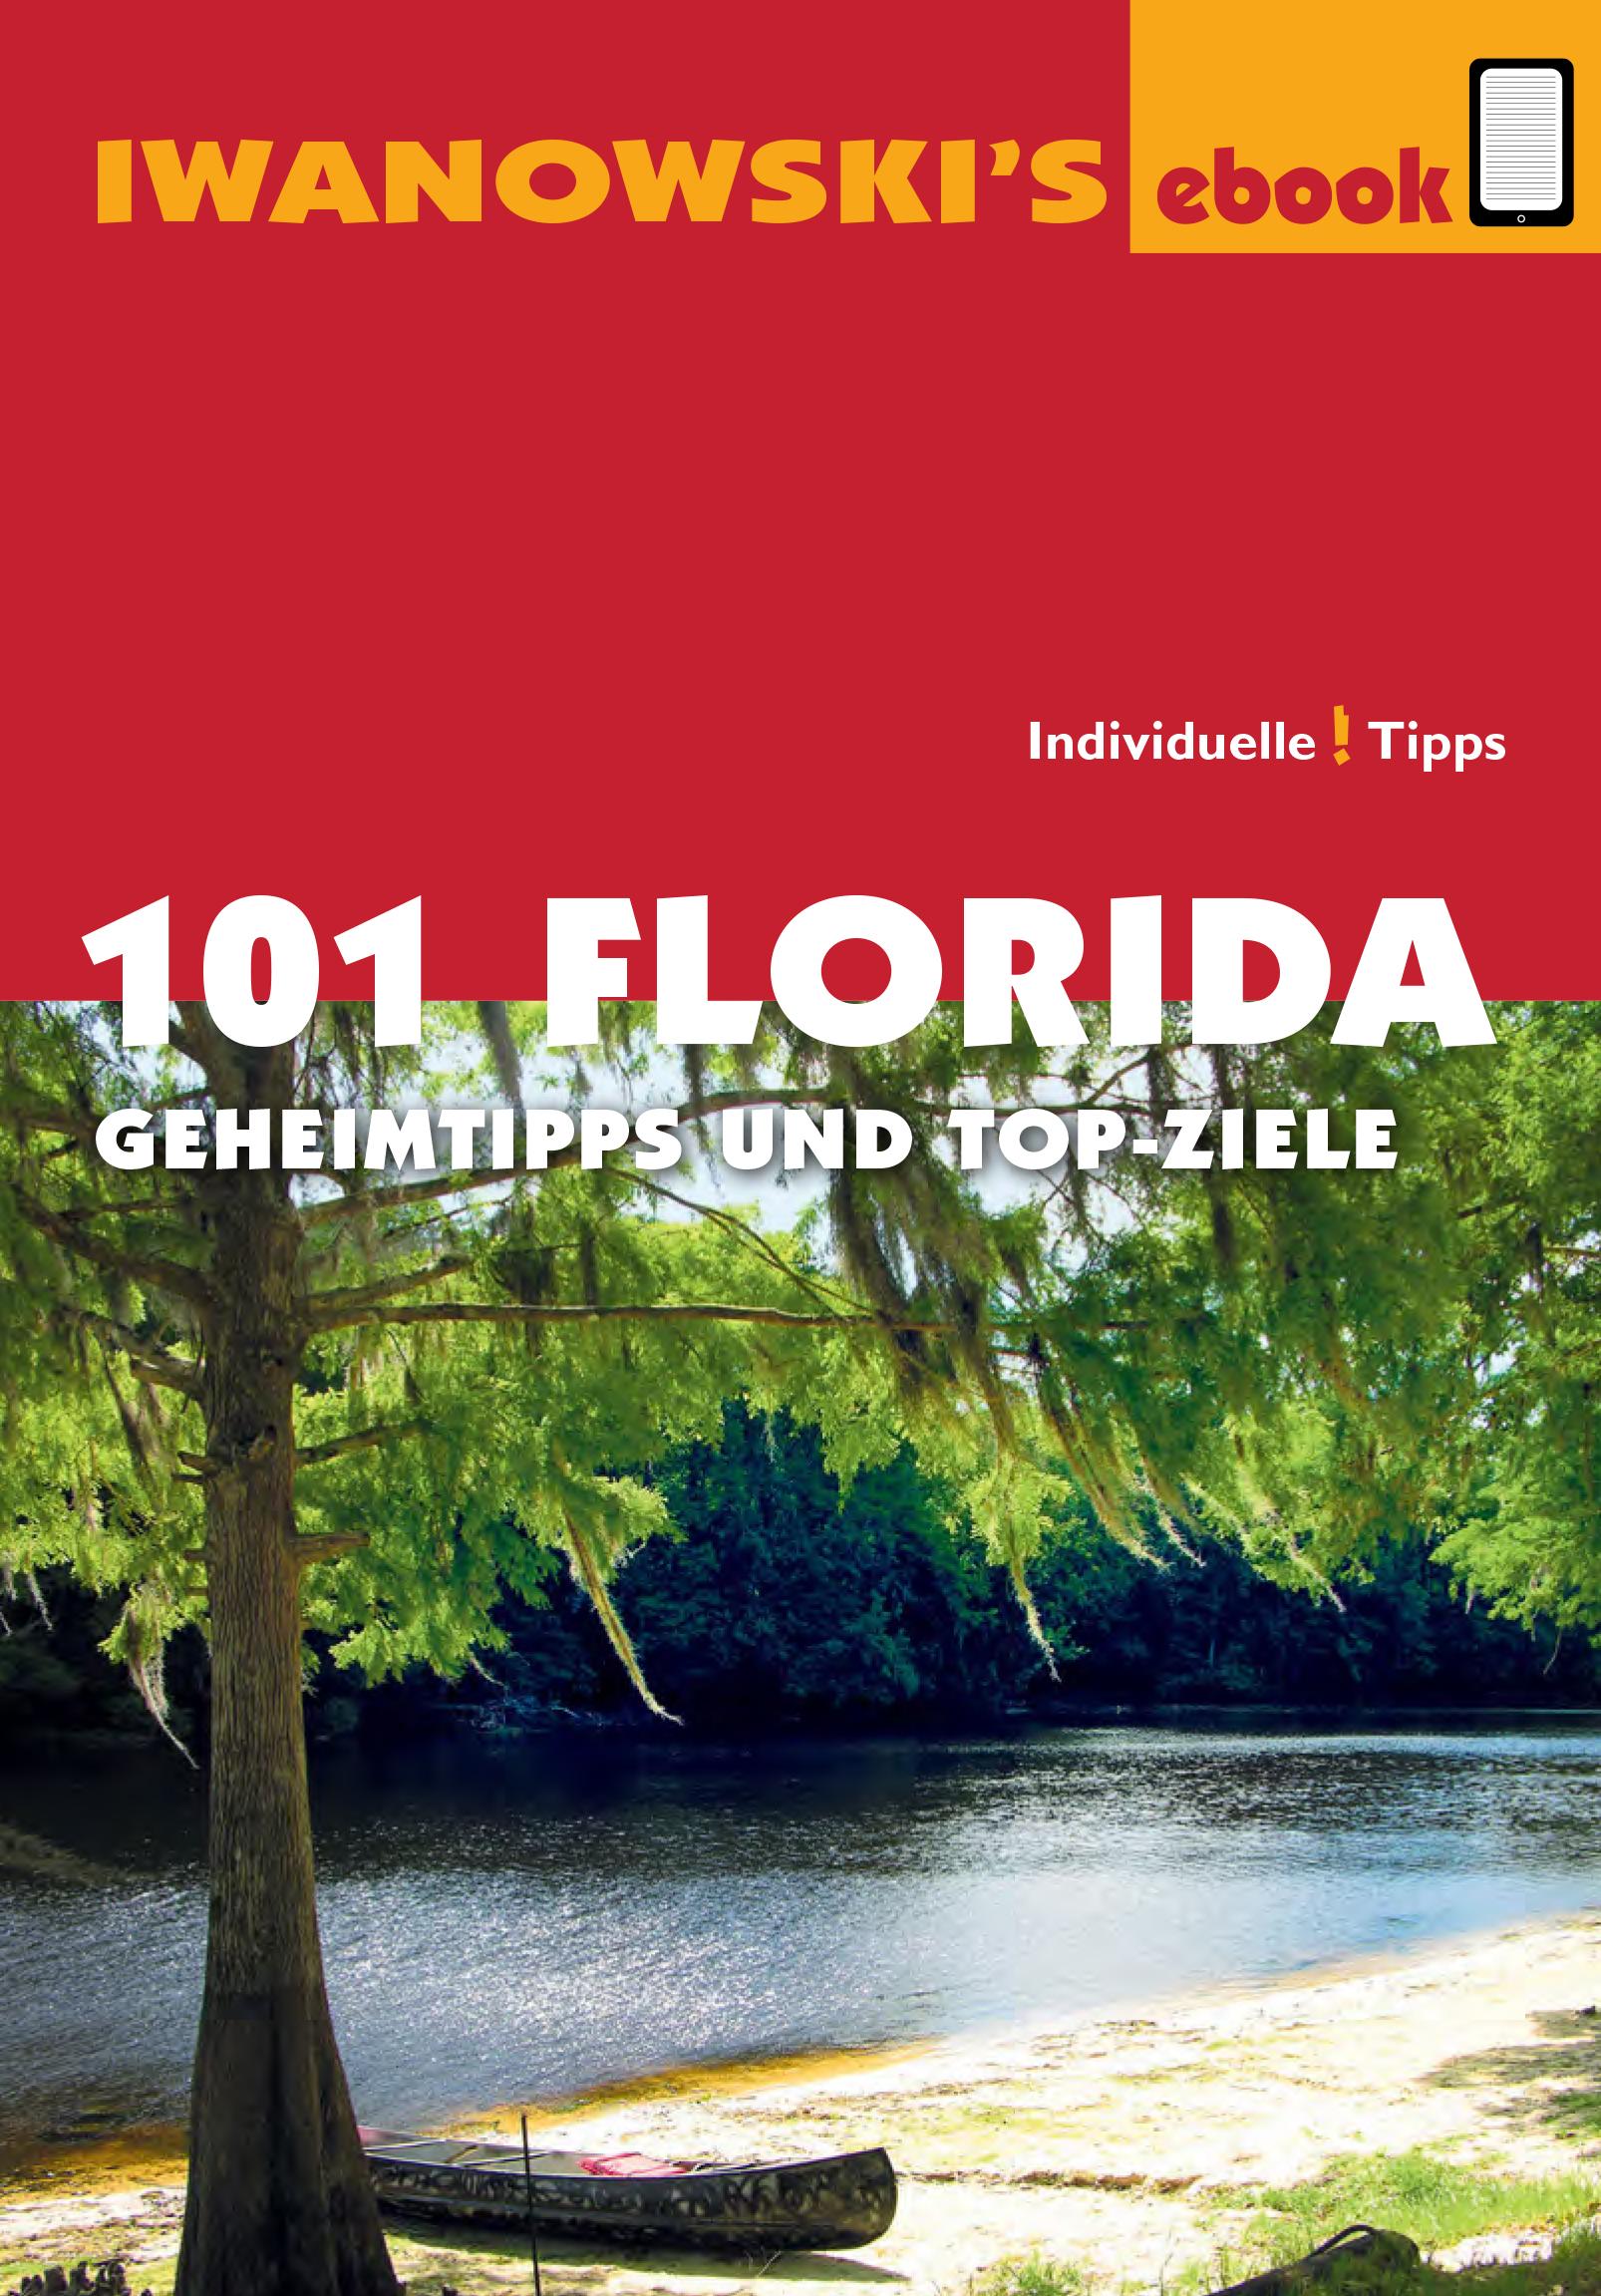 Michael Iwanowski 101 Florida - Reiseführer von Iwanowski stefan blank sri lanka reiseführer von iwanowski